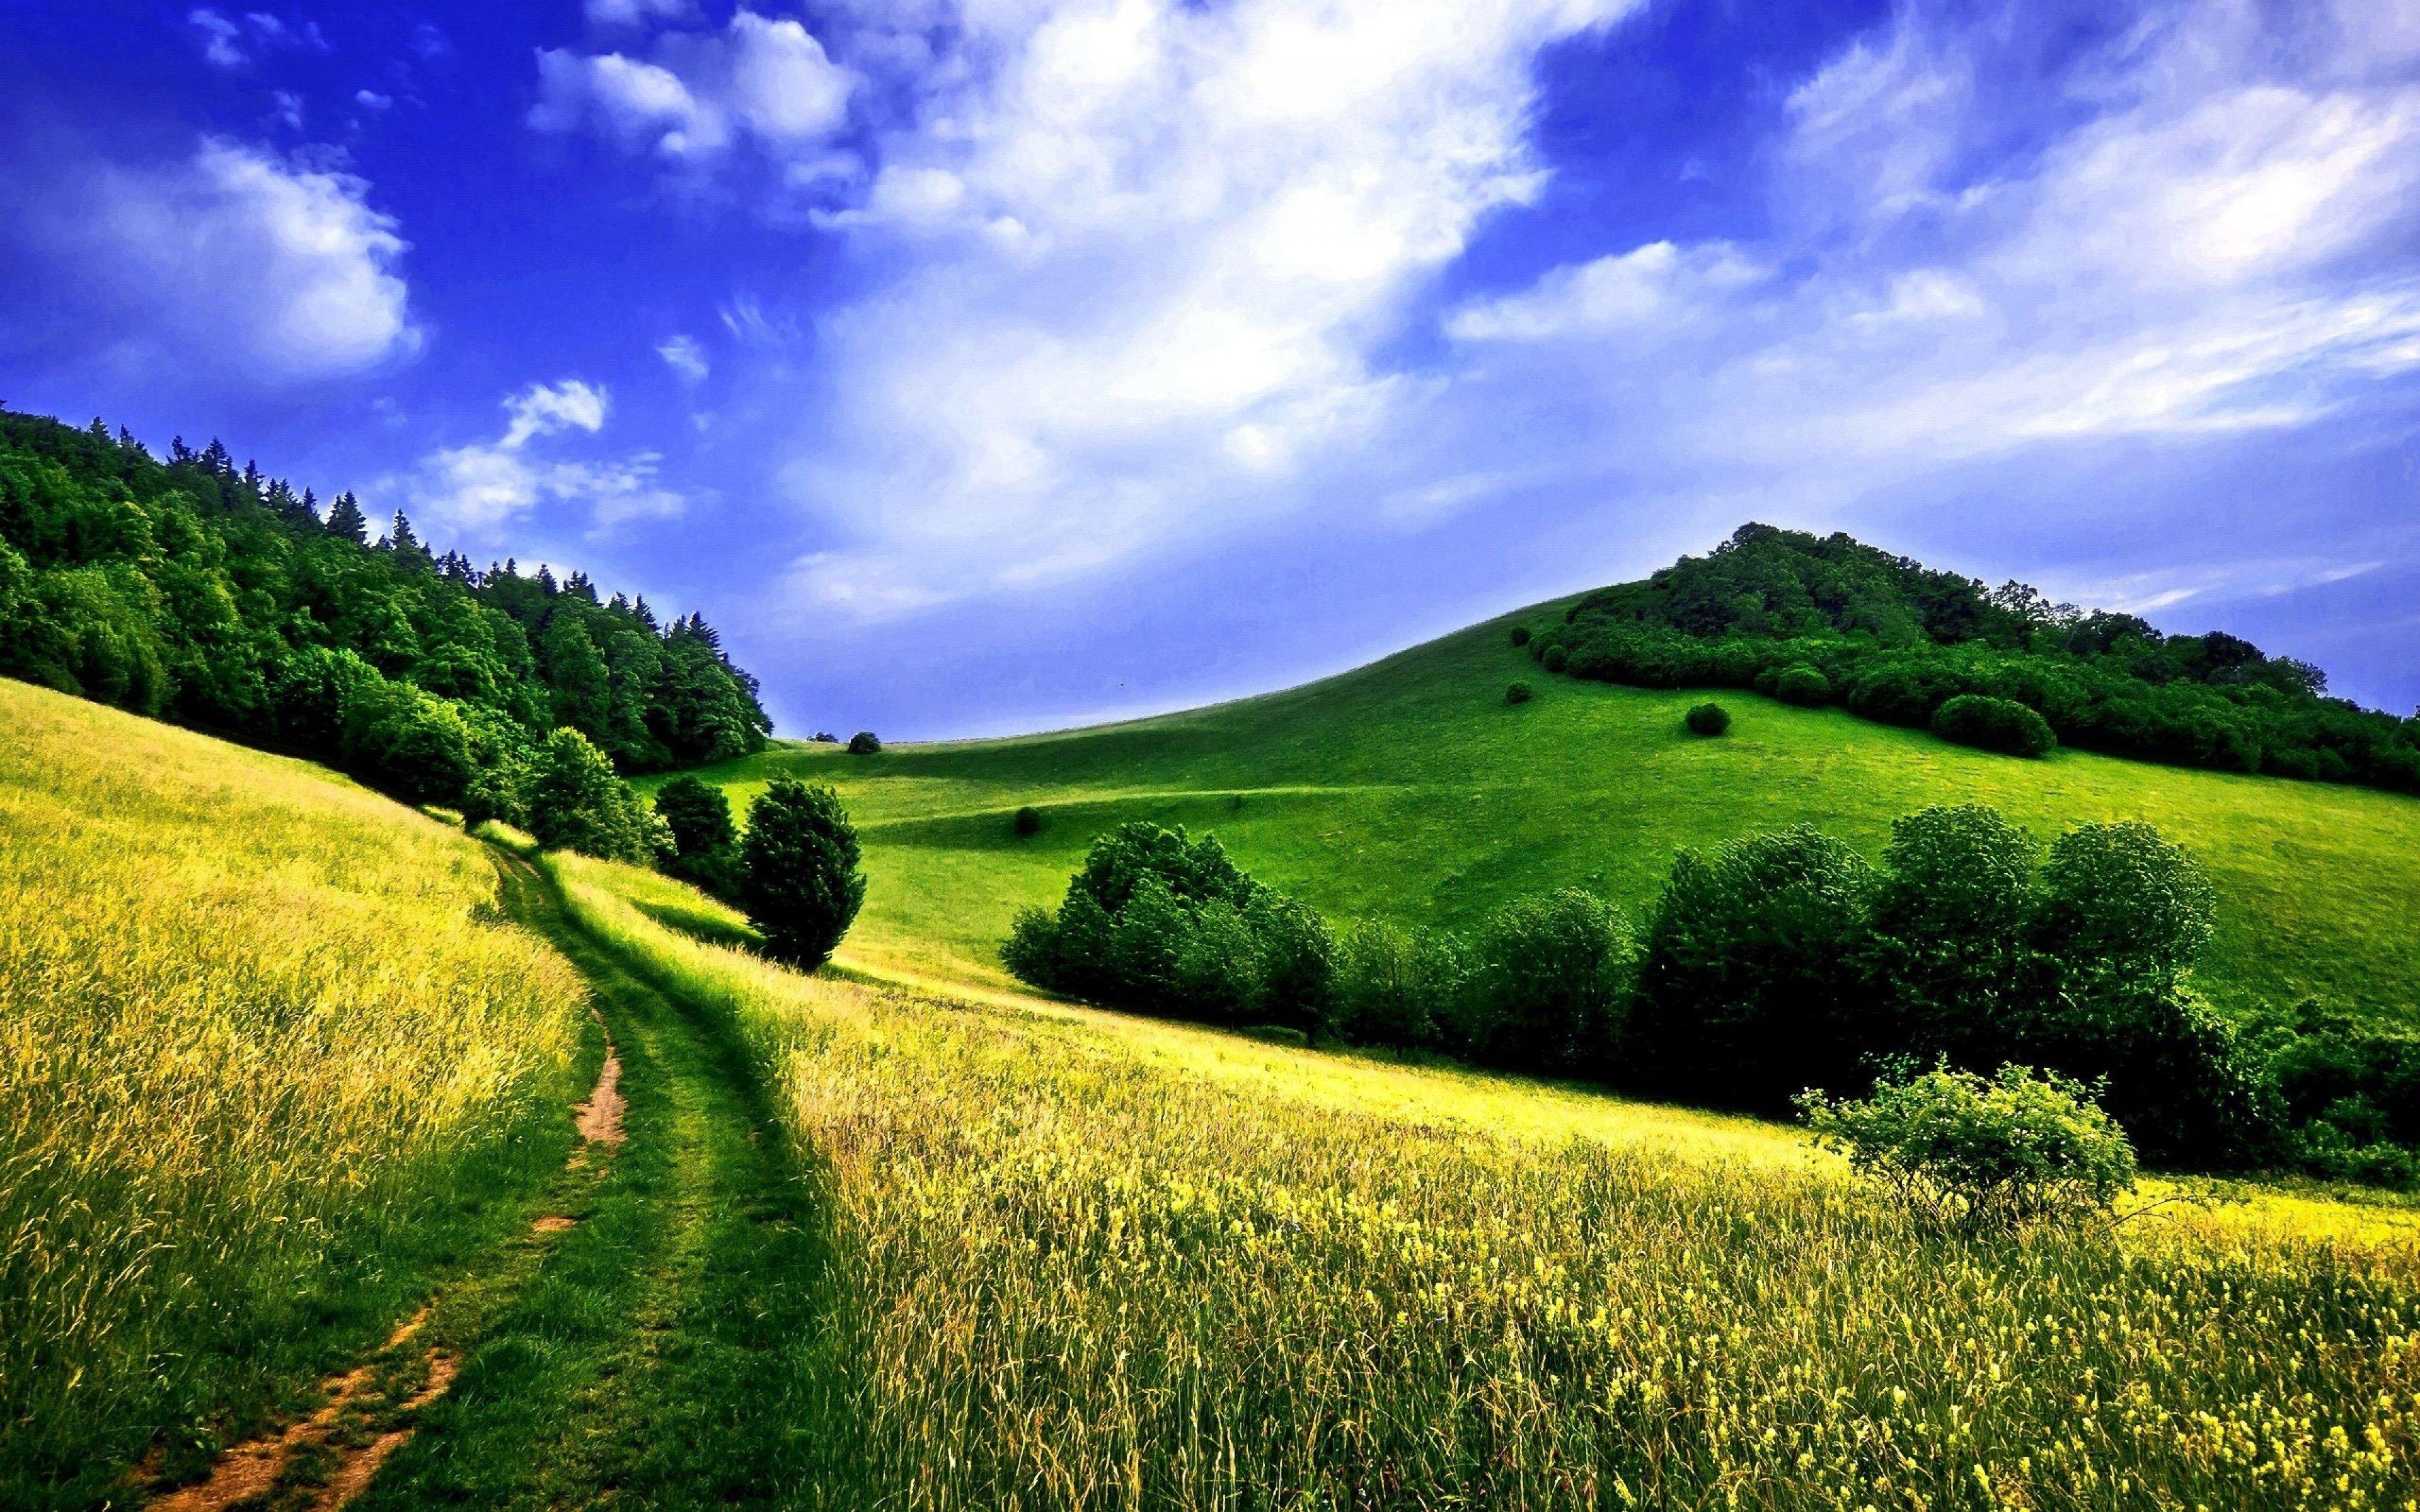 Green Fields Meadow 4K Wallpaper